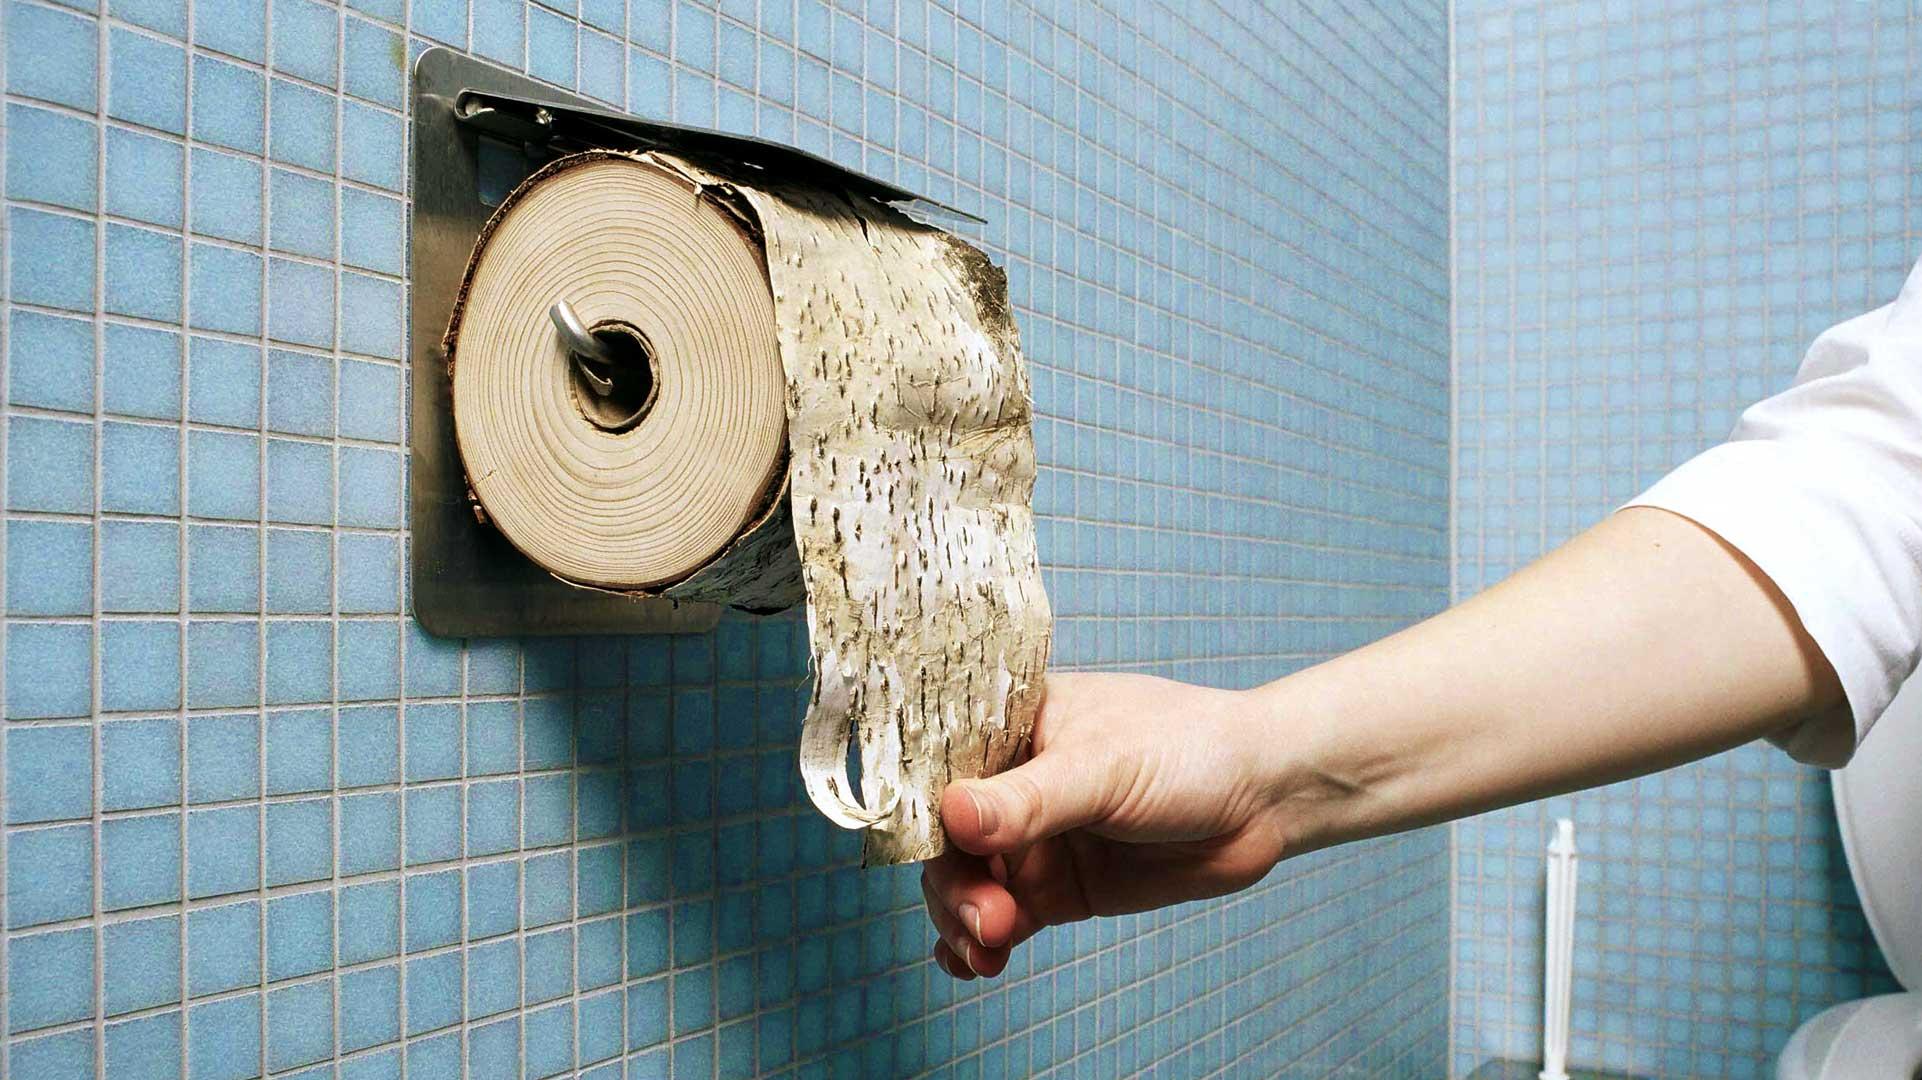 Toilettenpapier wird zumeist aus schnell wachsenden Holzarten hergestellt. © Kurt Prinz / WWF